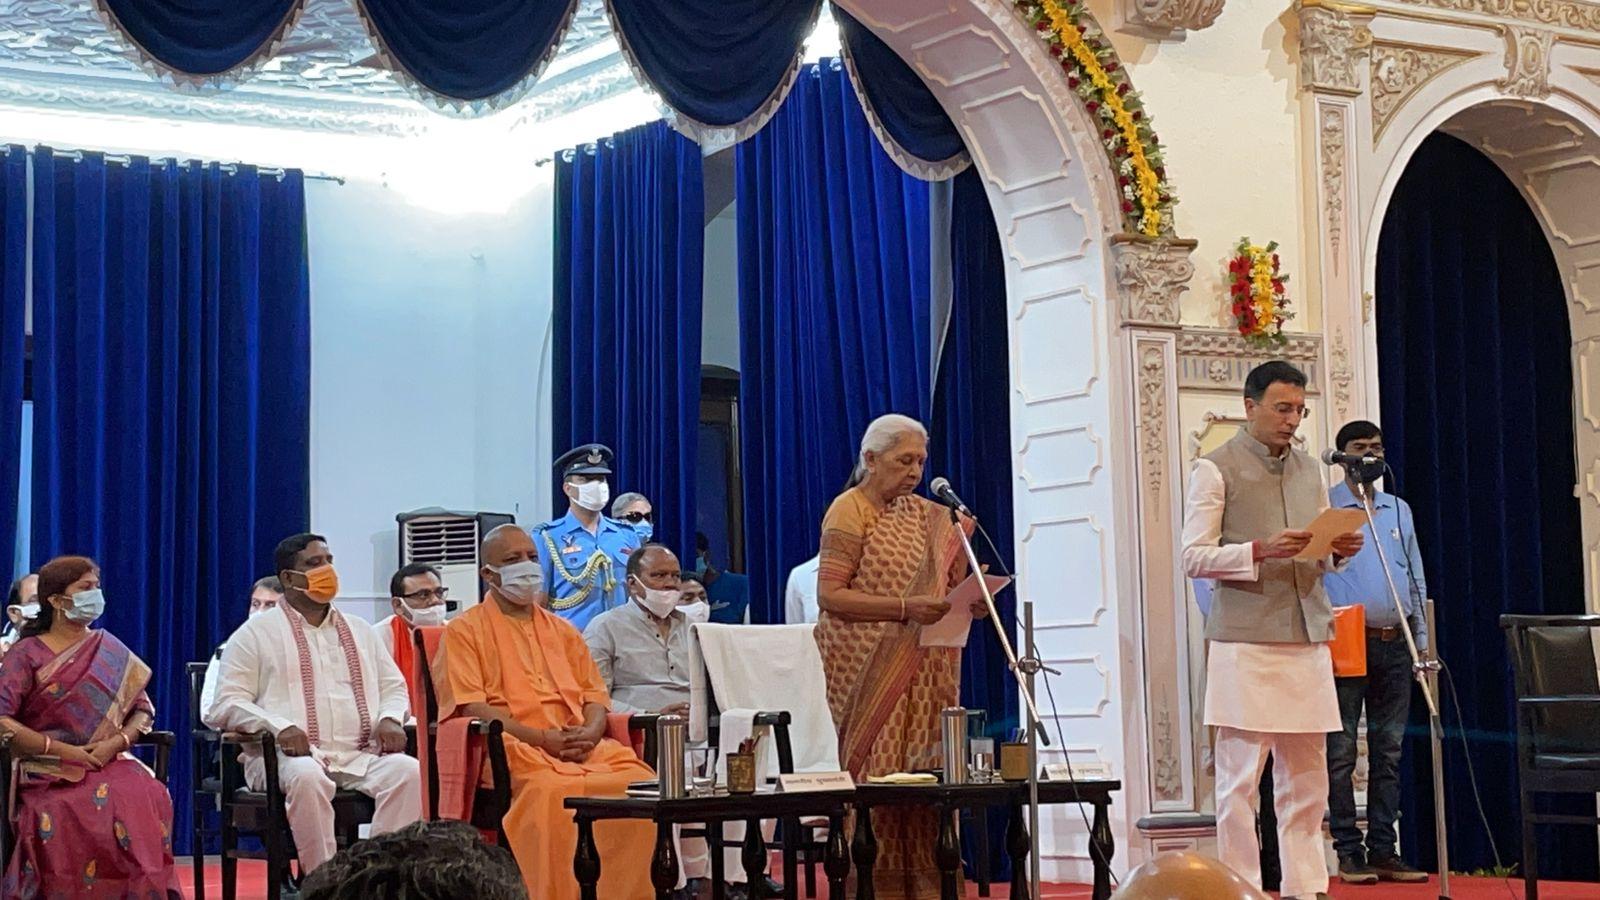 Yogi cabinet expansion : योगी मंत्रिमंडल के आखिरी विस्तार में इनको बनाया गया मंत्री